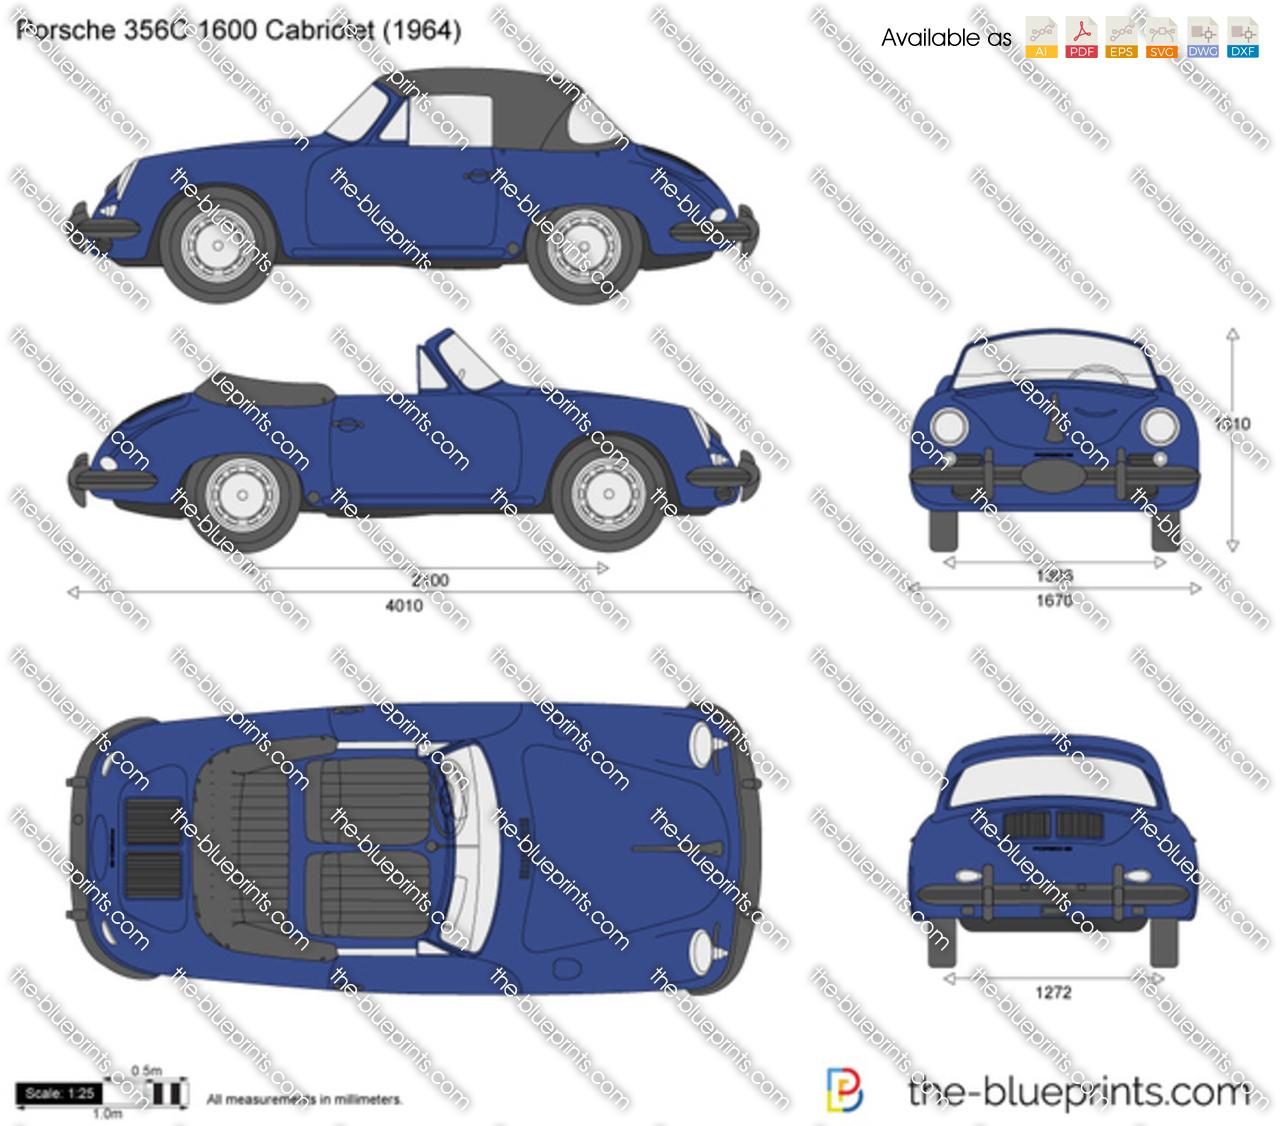 Porsche 356C 1600 Cabriolet